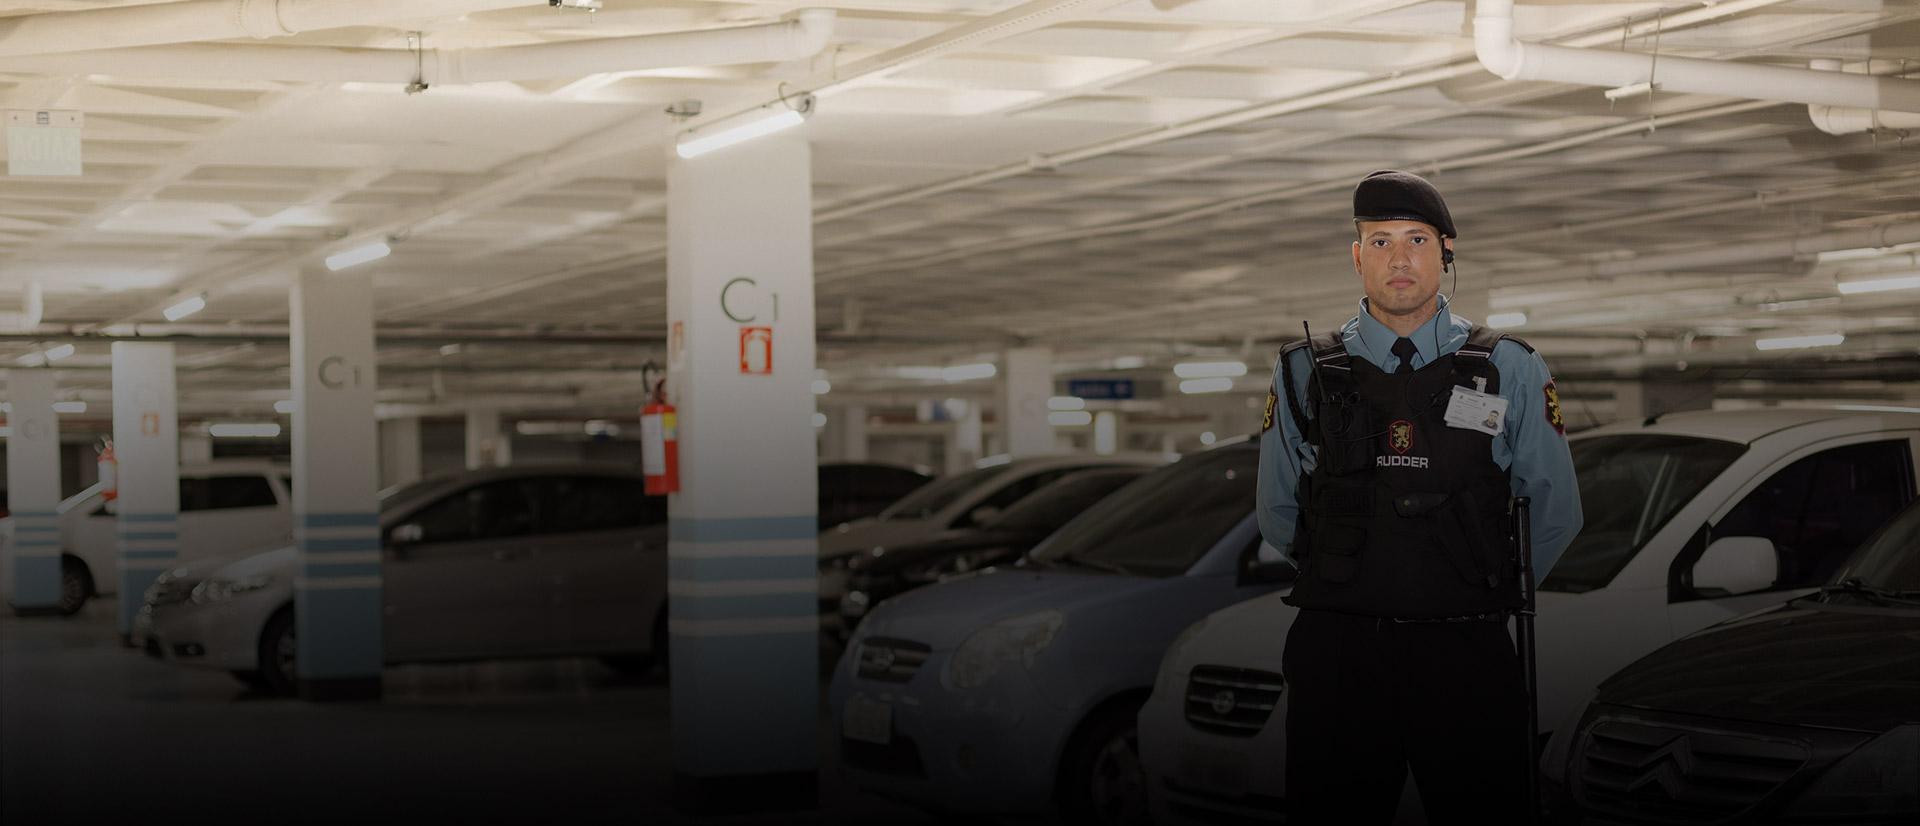 Agente de segurança em um estacionamento